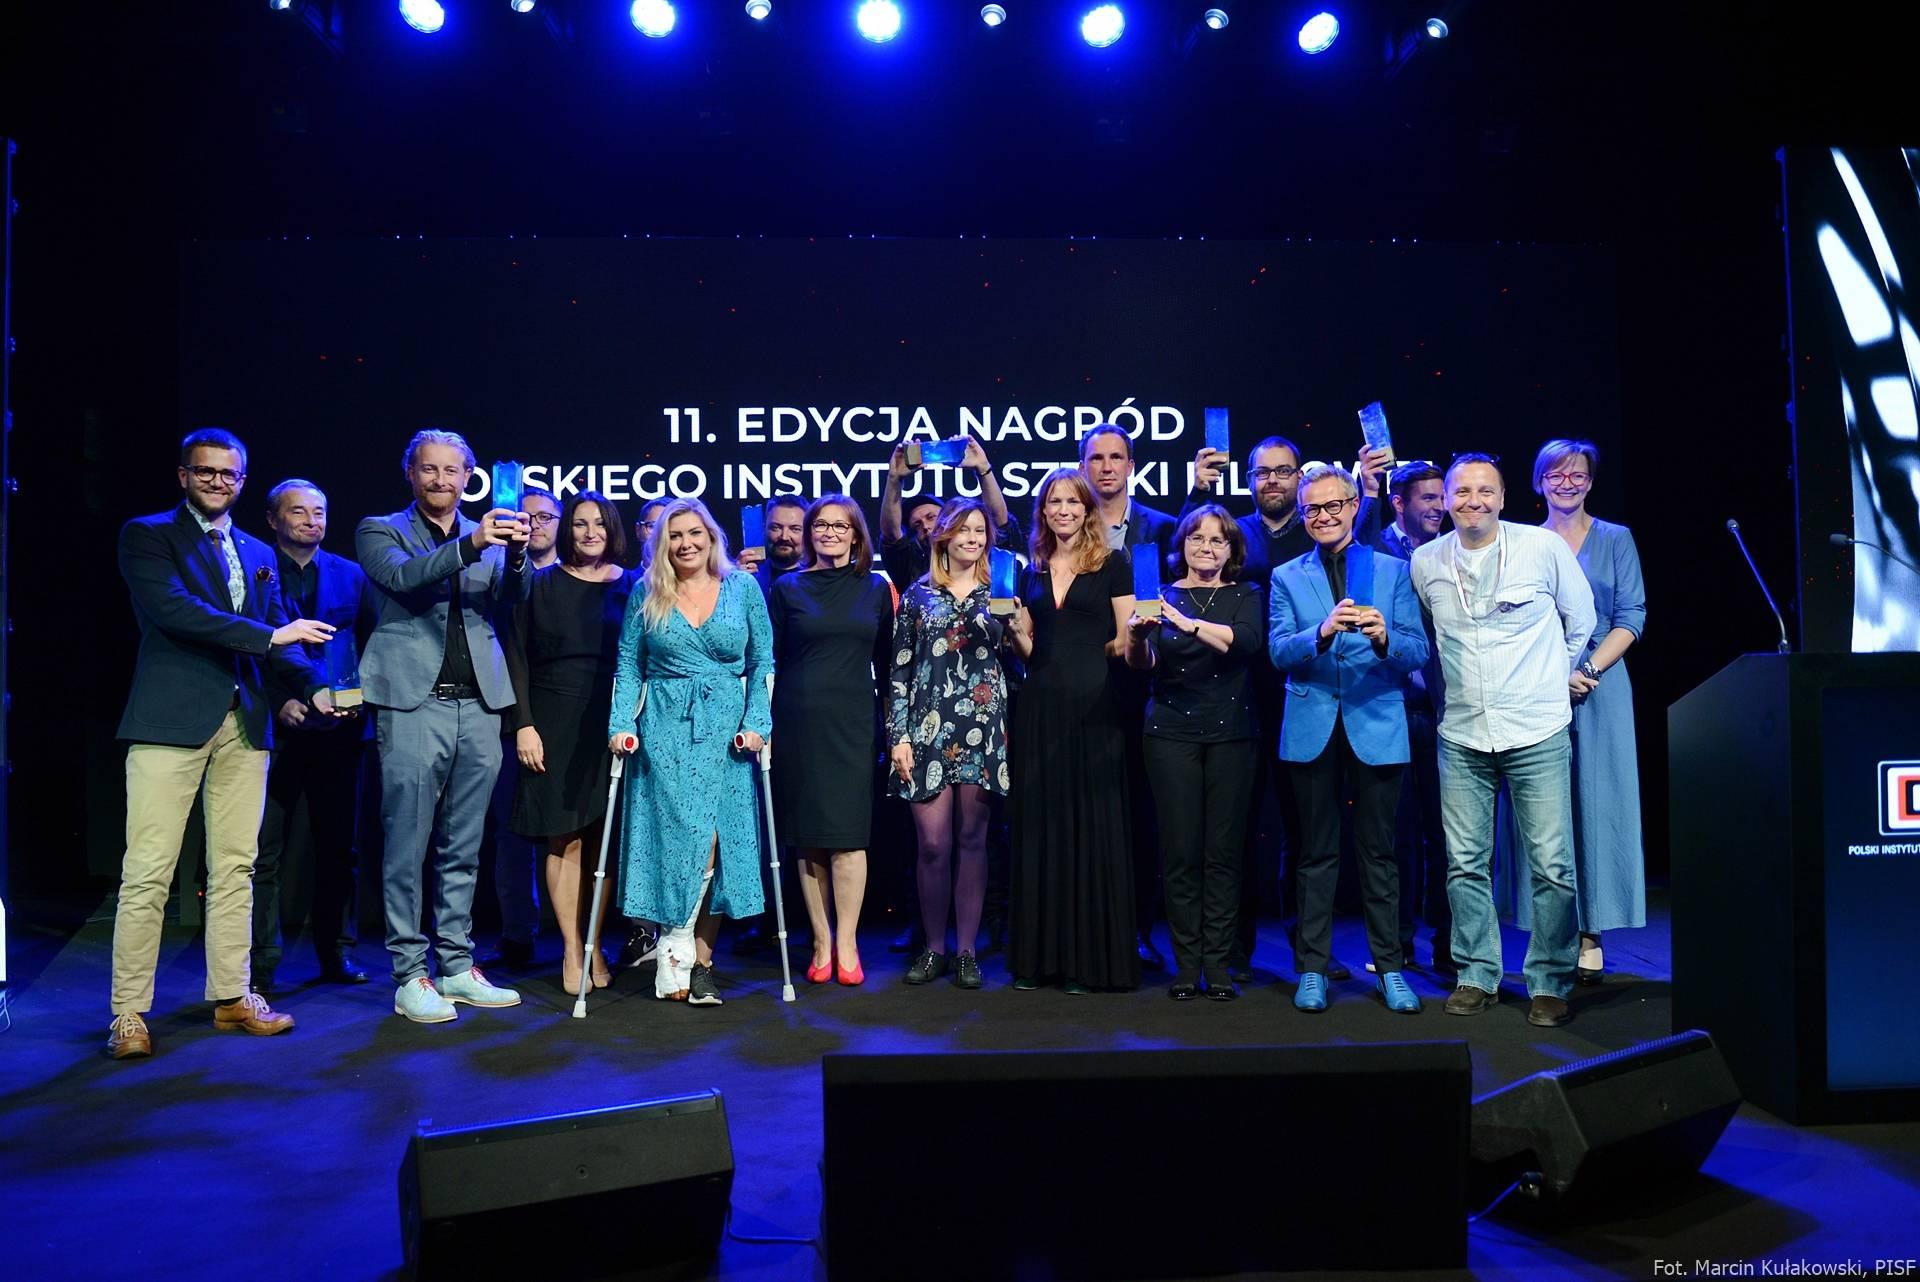 11. Nagrody PISF, fot. M. Kułakowski, PISF (źródło: materiały prasowe organizatora)